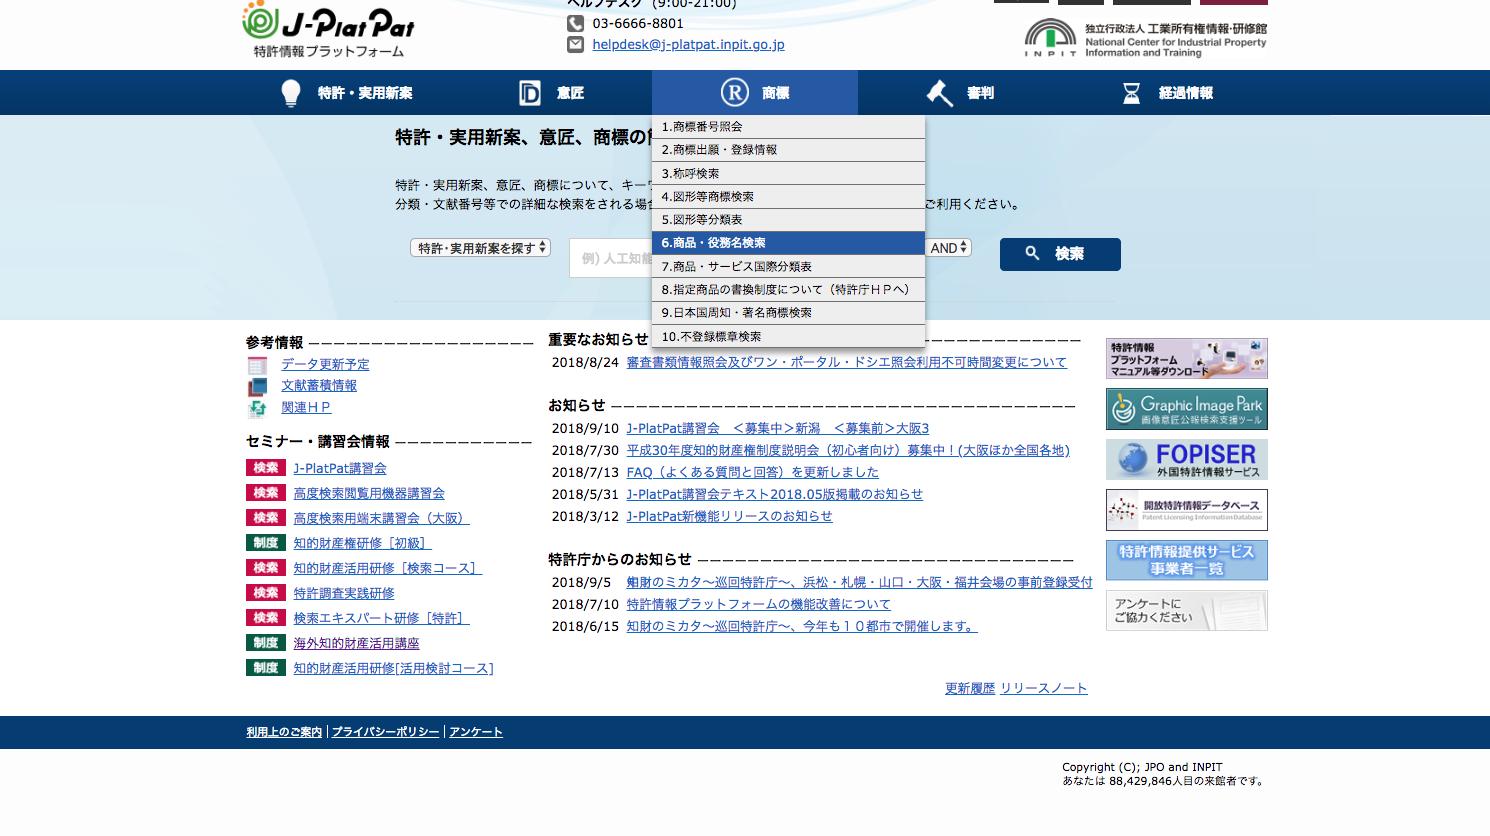 商品・役務名検索の検索画面